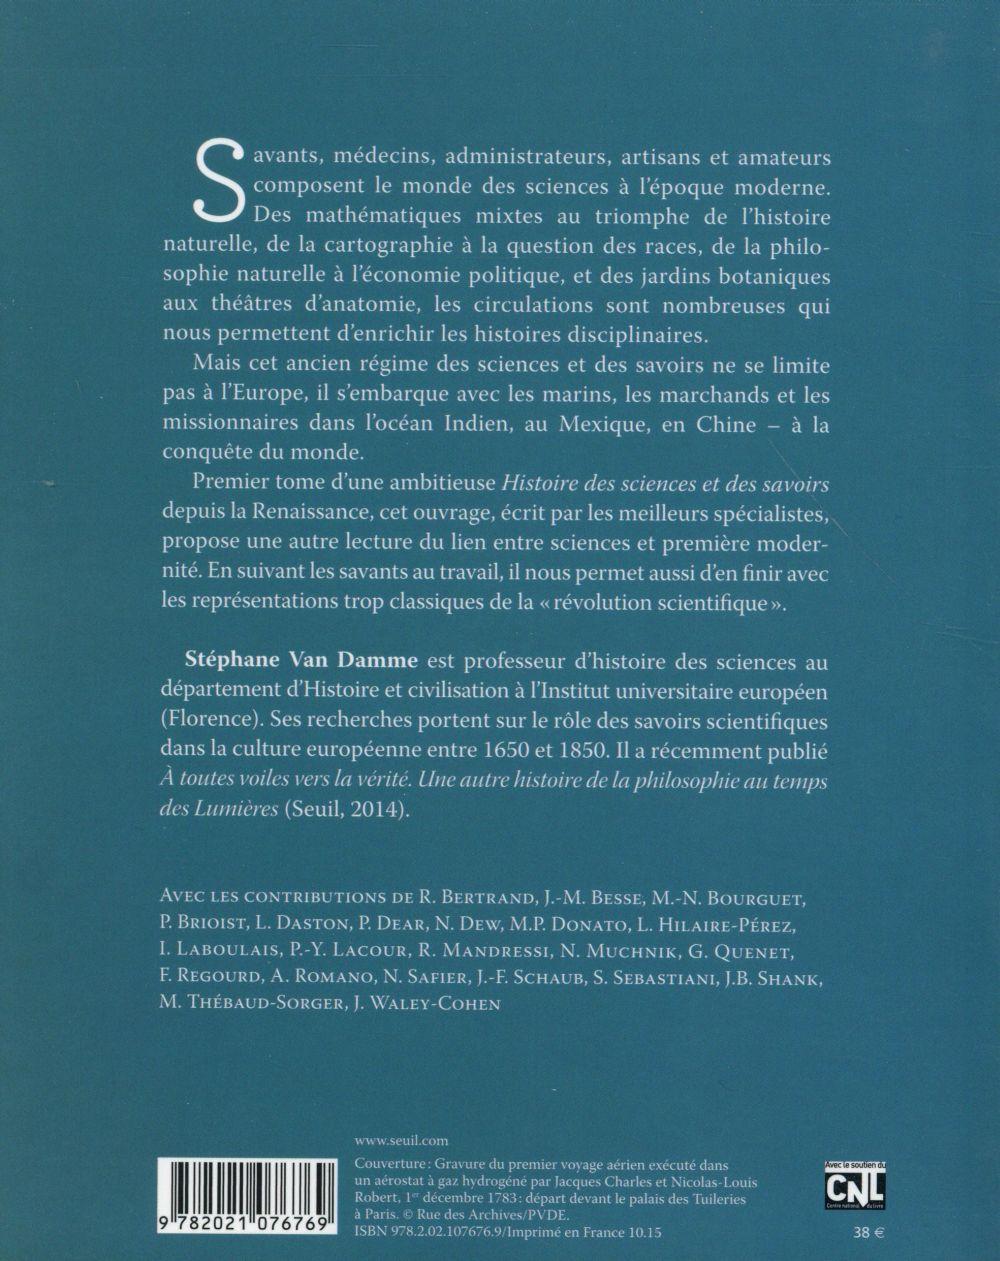 Histoire des sciences et des savoirs t.1 ; de la Renaissance aux lumières